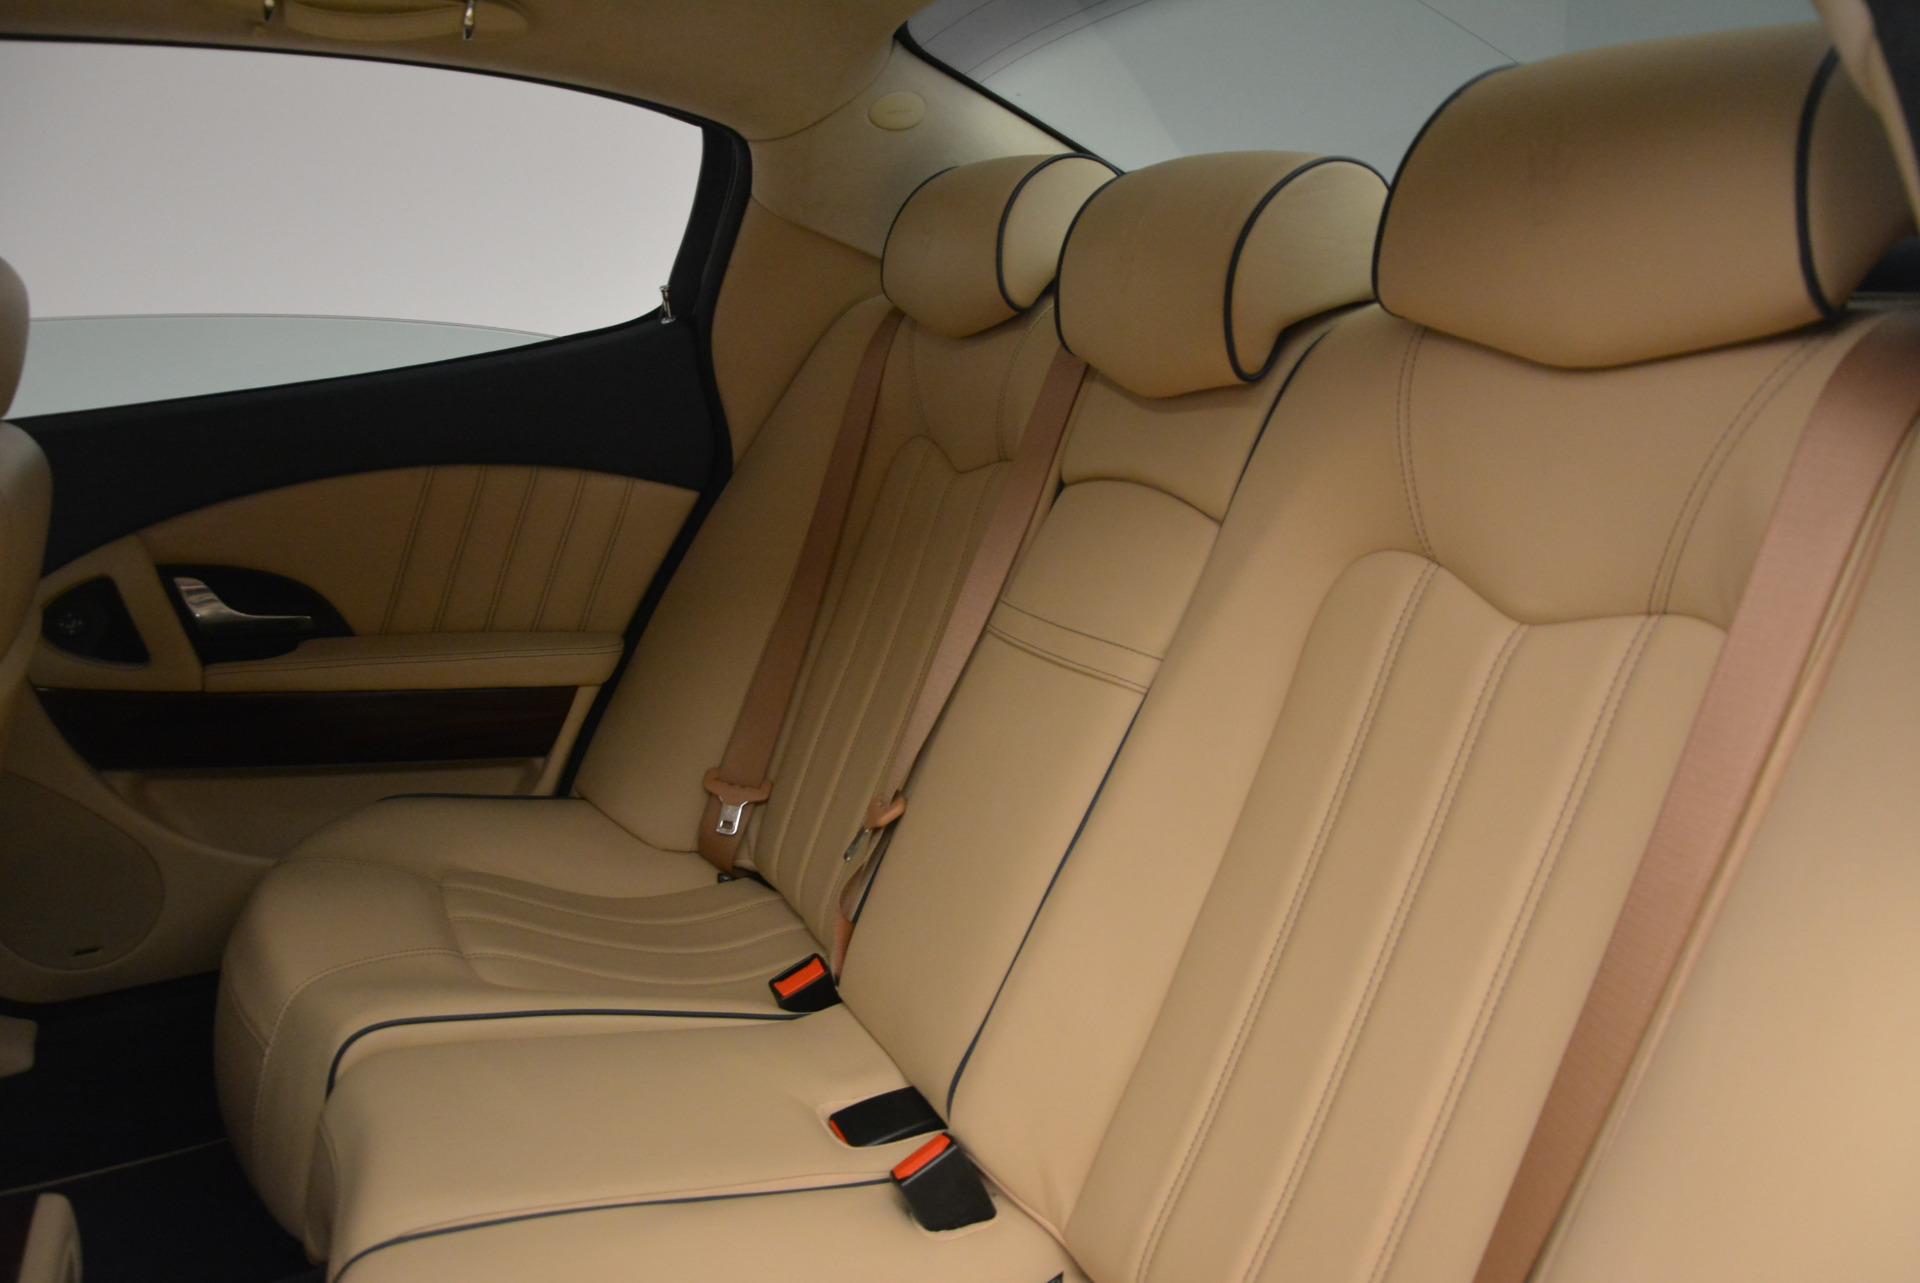 Used 2010 Maserati Quattroporte S For Sale In Greenwich, CT. Alfa Romeo of Greenwich, 1267 795_p23